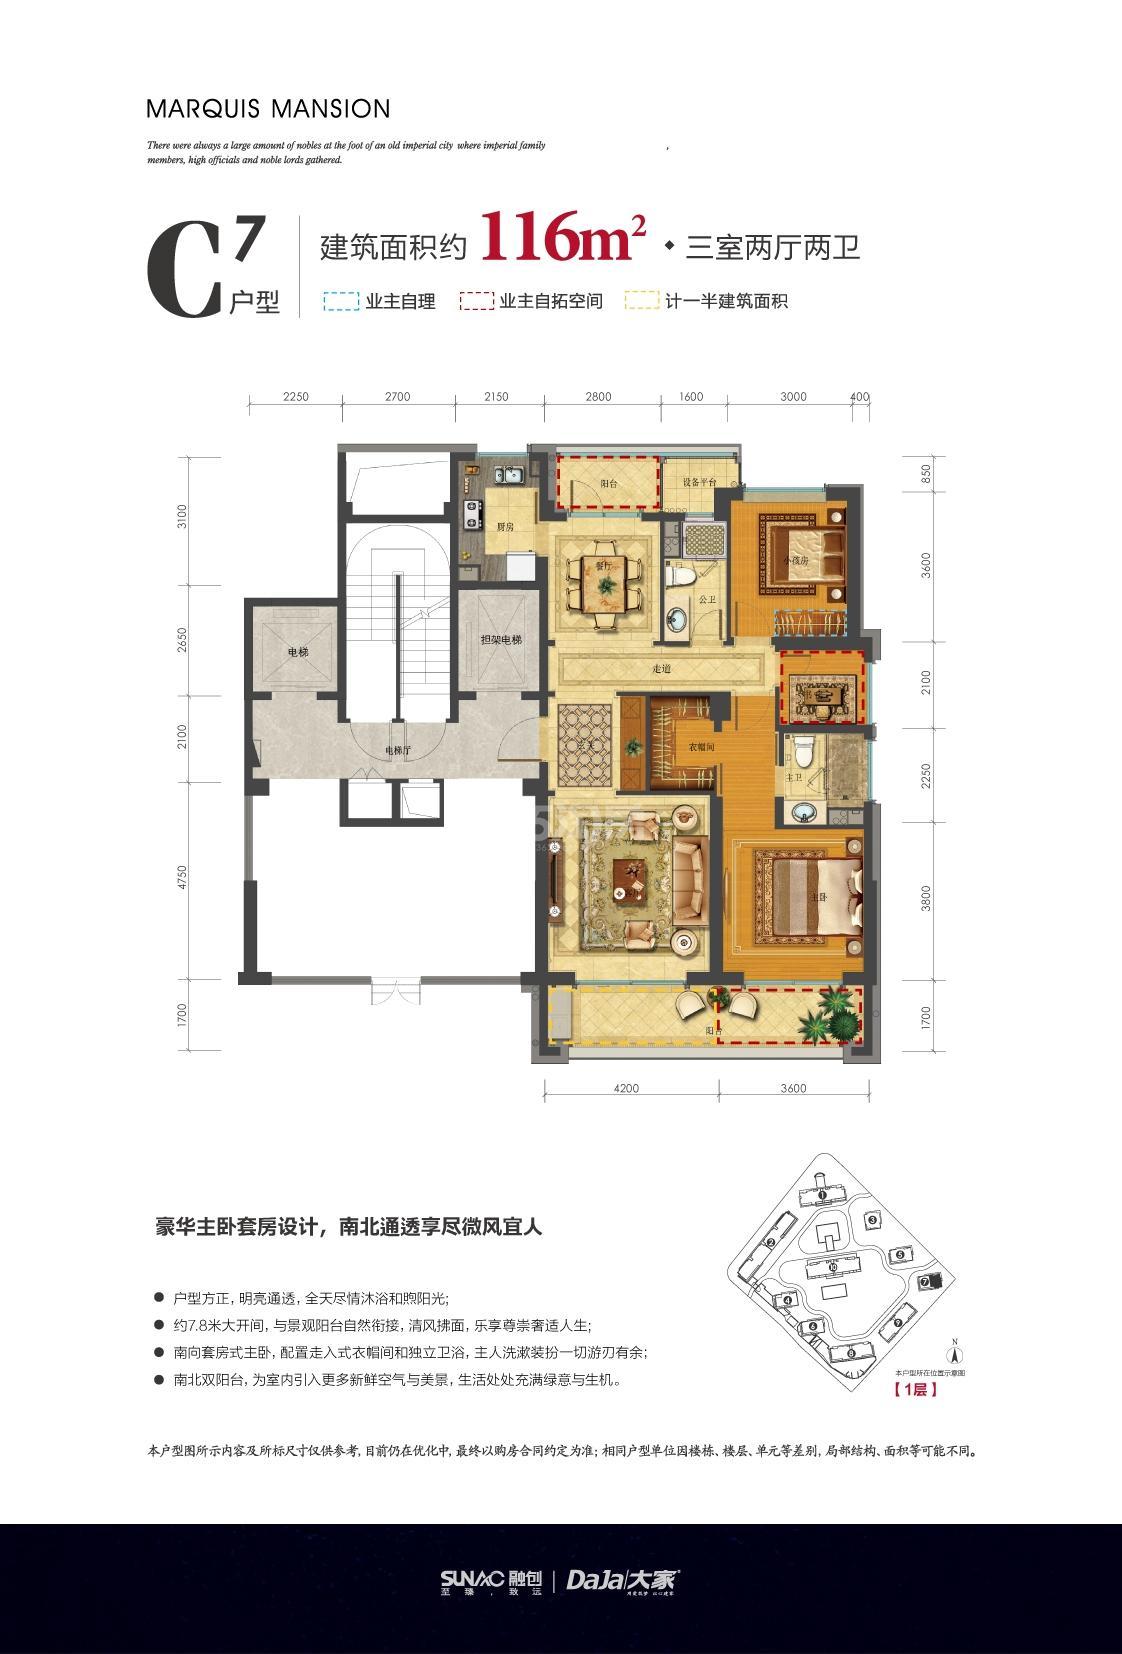 融创大家侯潮府项目7号楼1层边套C7户型 116㎡